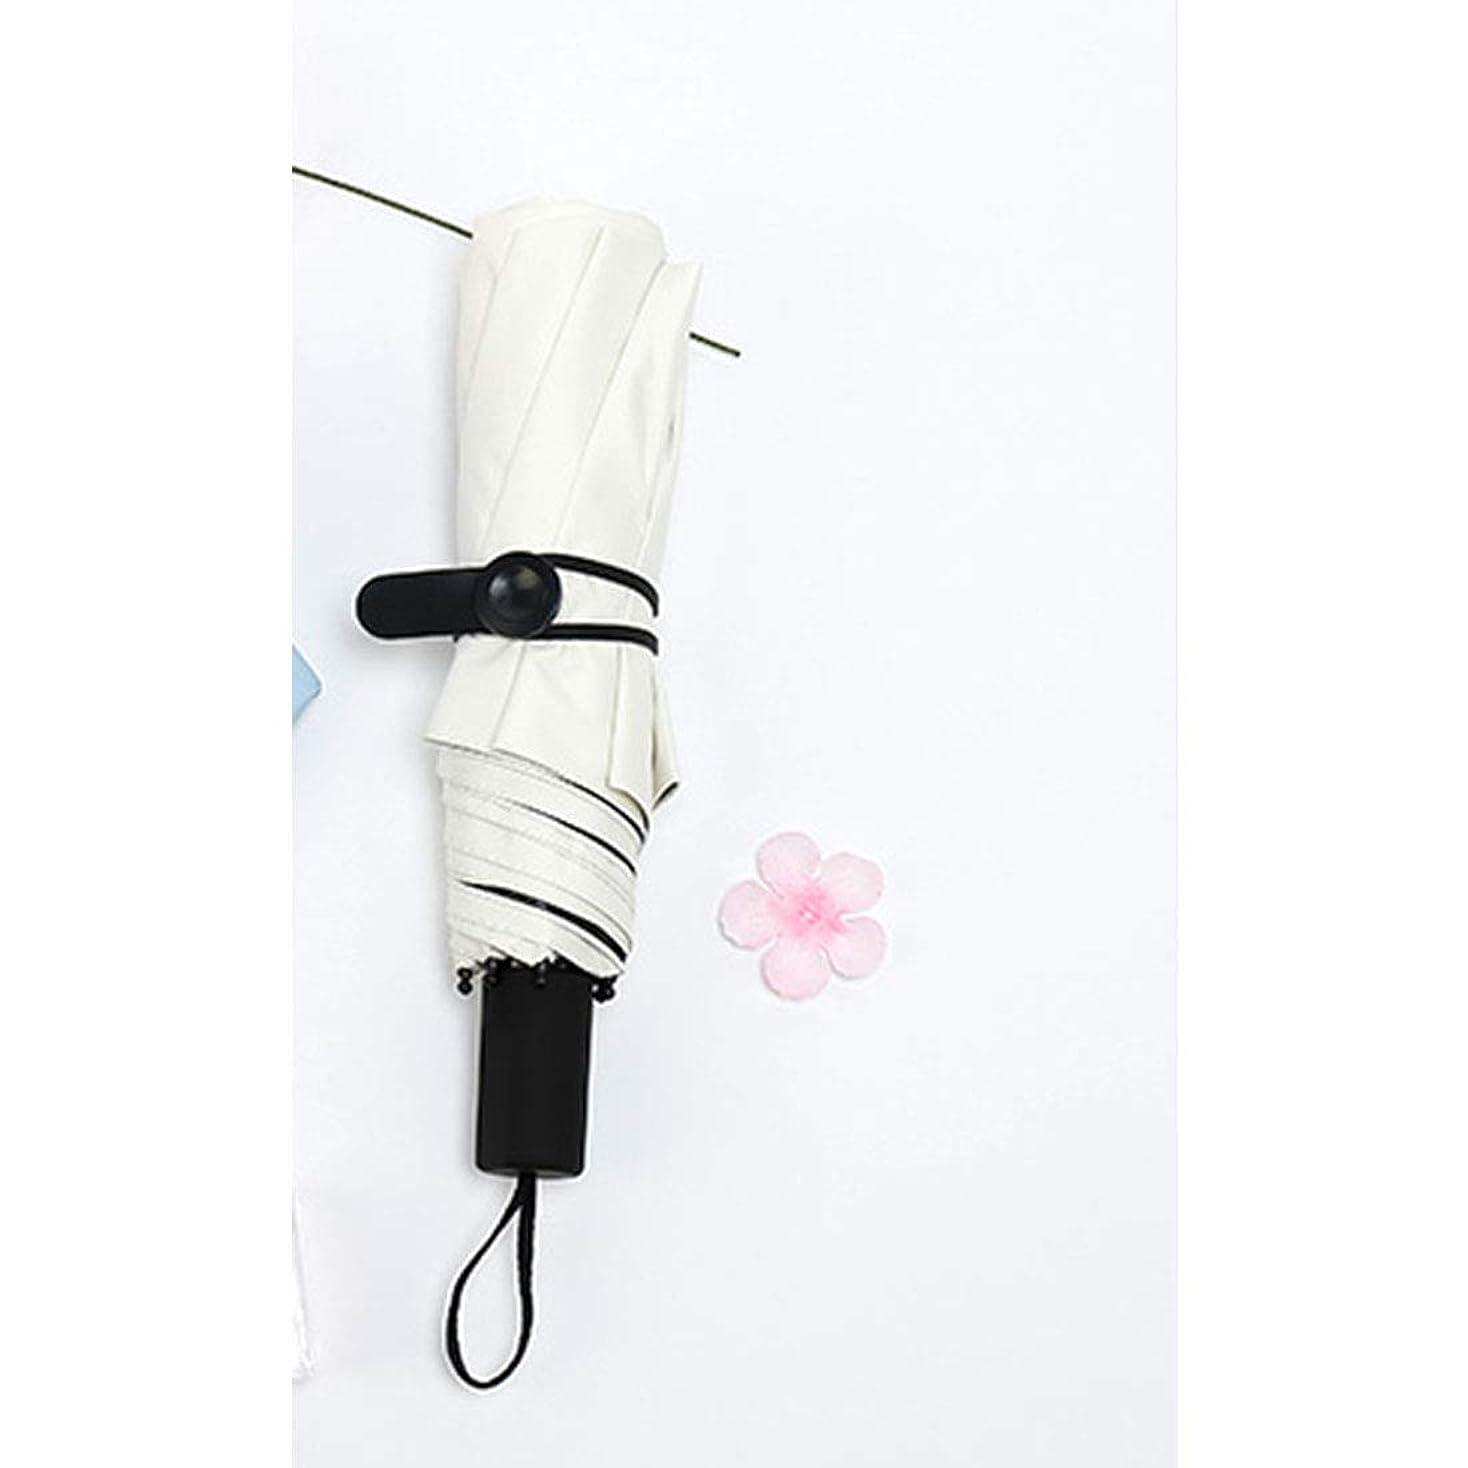 懐疑論最も遠いセクションLKJASDHL ロングハンドル女性の夏の折りたたみ日傘屋外日焼け止めパラソルウルトラライト傘 (色 : ホワイト)